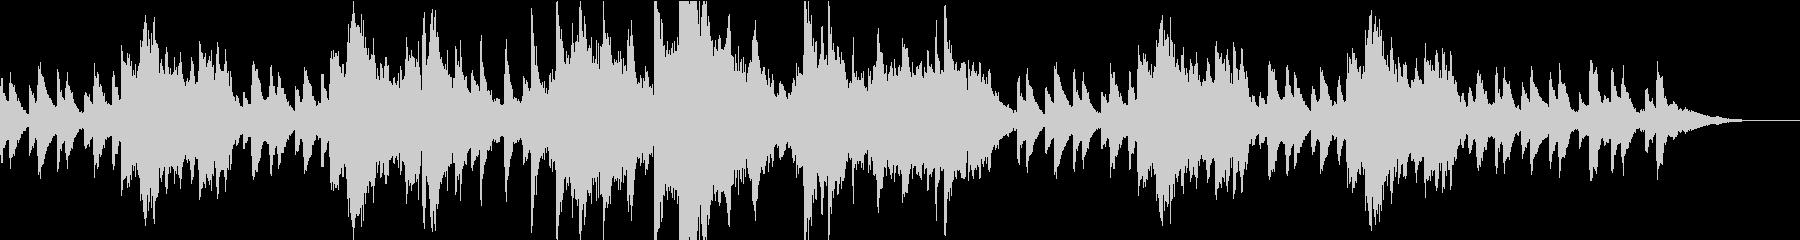 ジムノペディを幻想的なソプラノで歌っての未再生の波形